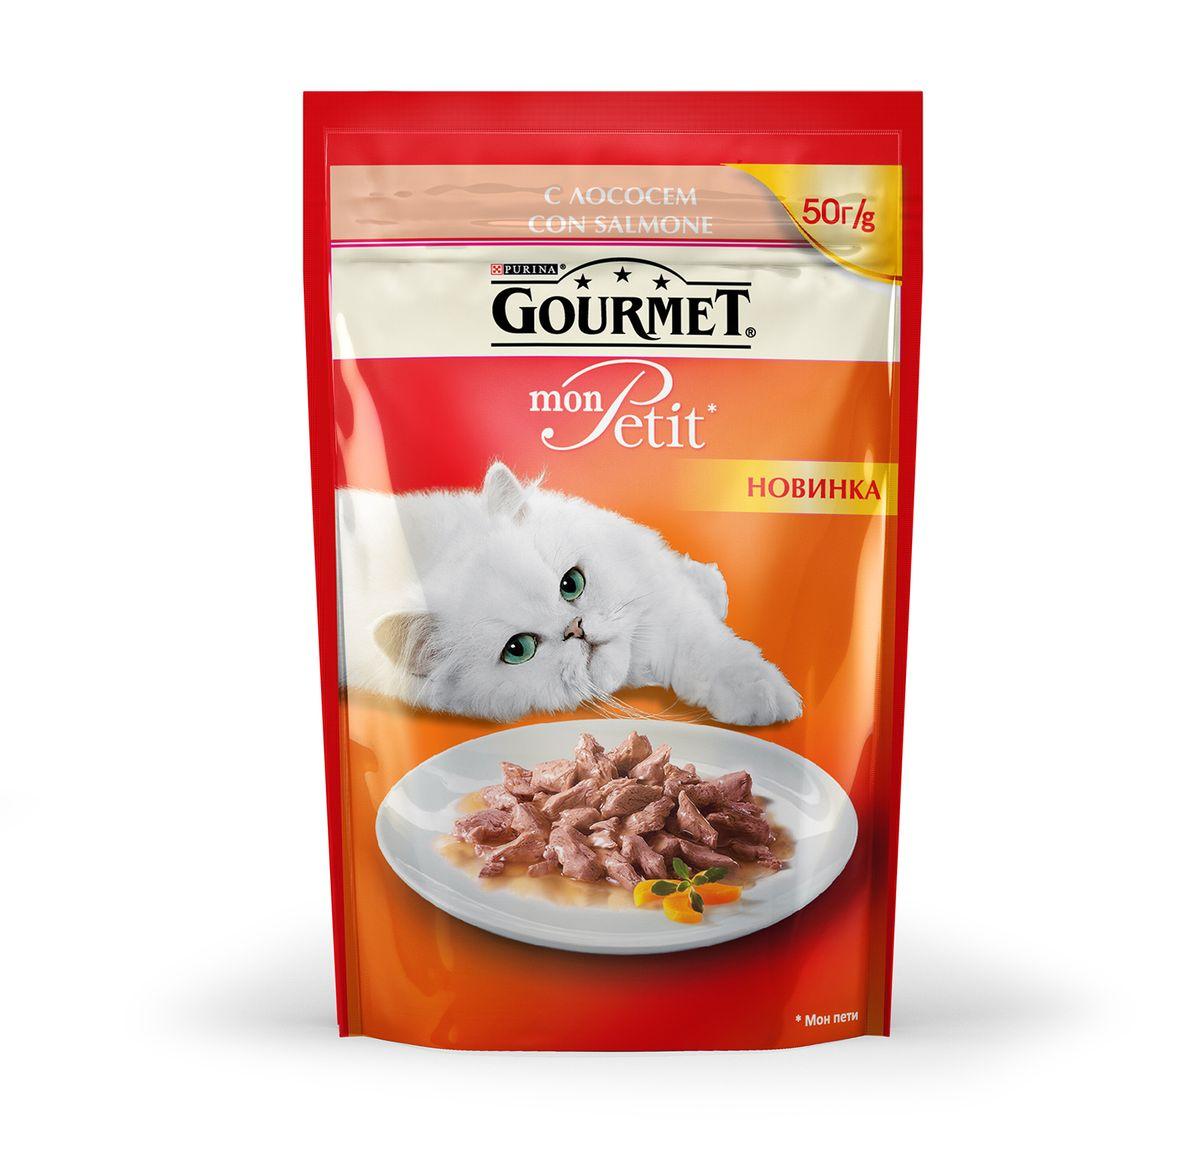 Консервы Gourmet Mon Petit, для взрослых кошек, с лососем, 50 г12287079Настоящие гурманы знают, что ничто не сравнится с восхитительным вкусом только что приготовленного блюда. Именно тогда изысканное сочетание превосходных ингредиентов раскрывается наиболее ярко. Ваши питомцы достойны вкусного питания - аппетитного обеда из нежнейших кусочков мяса из только что открытого пакетика. Особый формат упаковки Gourmet Mon Petit (50 г) удобен тем, что содержит порцию оптимального размера. Это позволяет вашему пушистому гурману доесть все сразу до последнего кусочка, наслаждаясь пиком вкуса великолепного продукта. Больше не придется хранить остатки в холодильнике и на следующий день уговаривать своего питомца все это съесть. Ведь он, как настоящий гурман, понимает, что вкусно только то, что сразу же оказывается у него на тарелке. Вы можете быть уверены - ваш гурман оценит изысканное сочетание высококачественных ингредиентов, бережно приготовленных в аппетитном соусе. Состав:мясо и продукты переработки мяса, экстракт растительного...